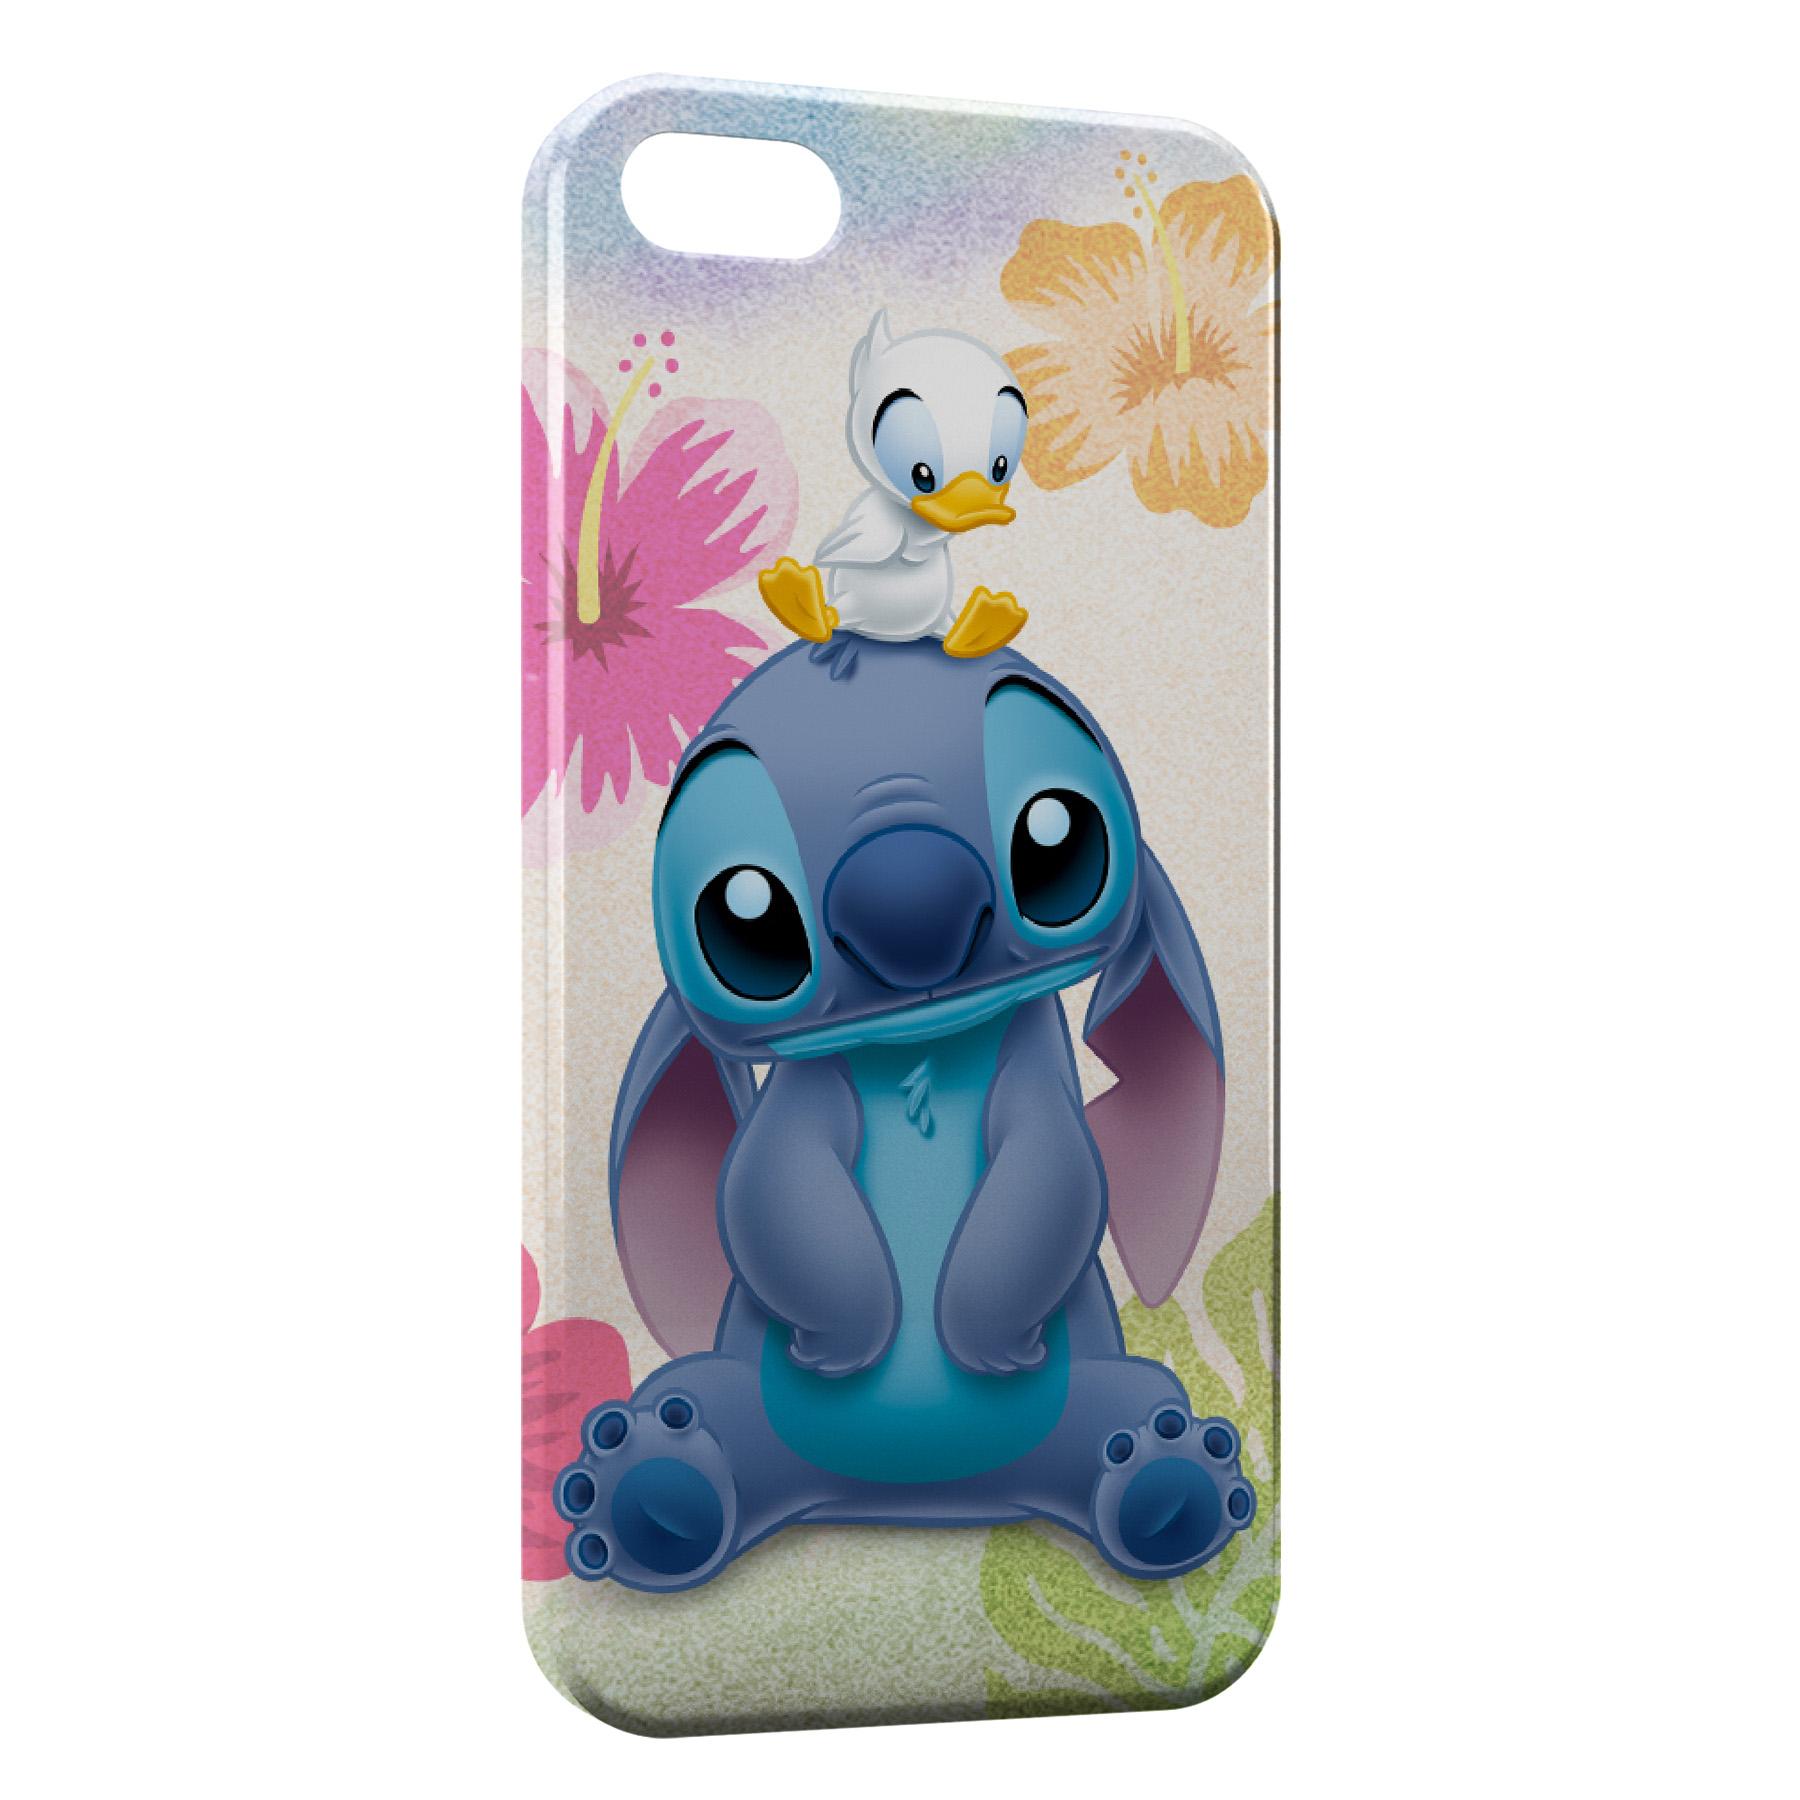 Coque iPhone 4 4S Stitch Canard